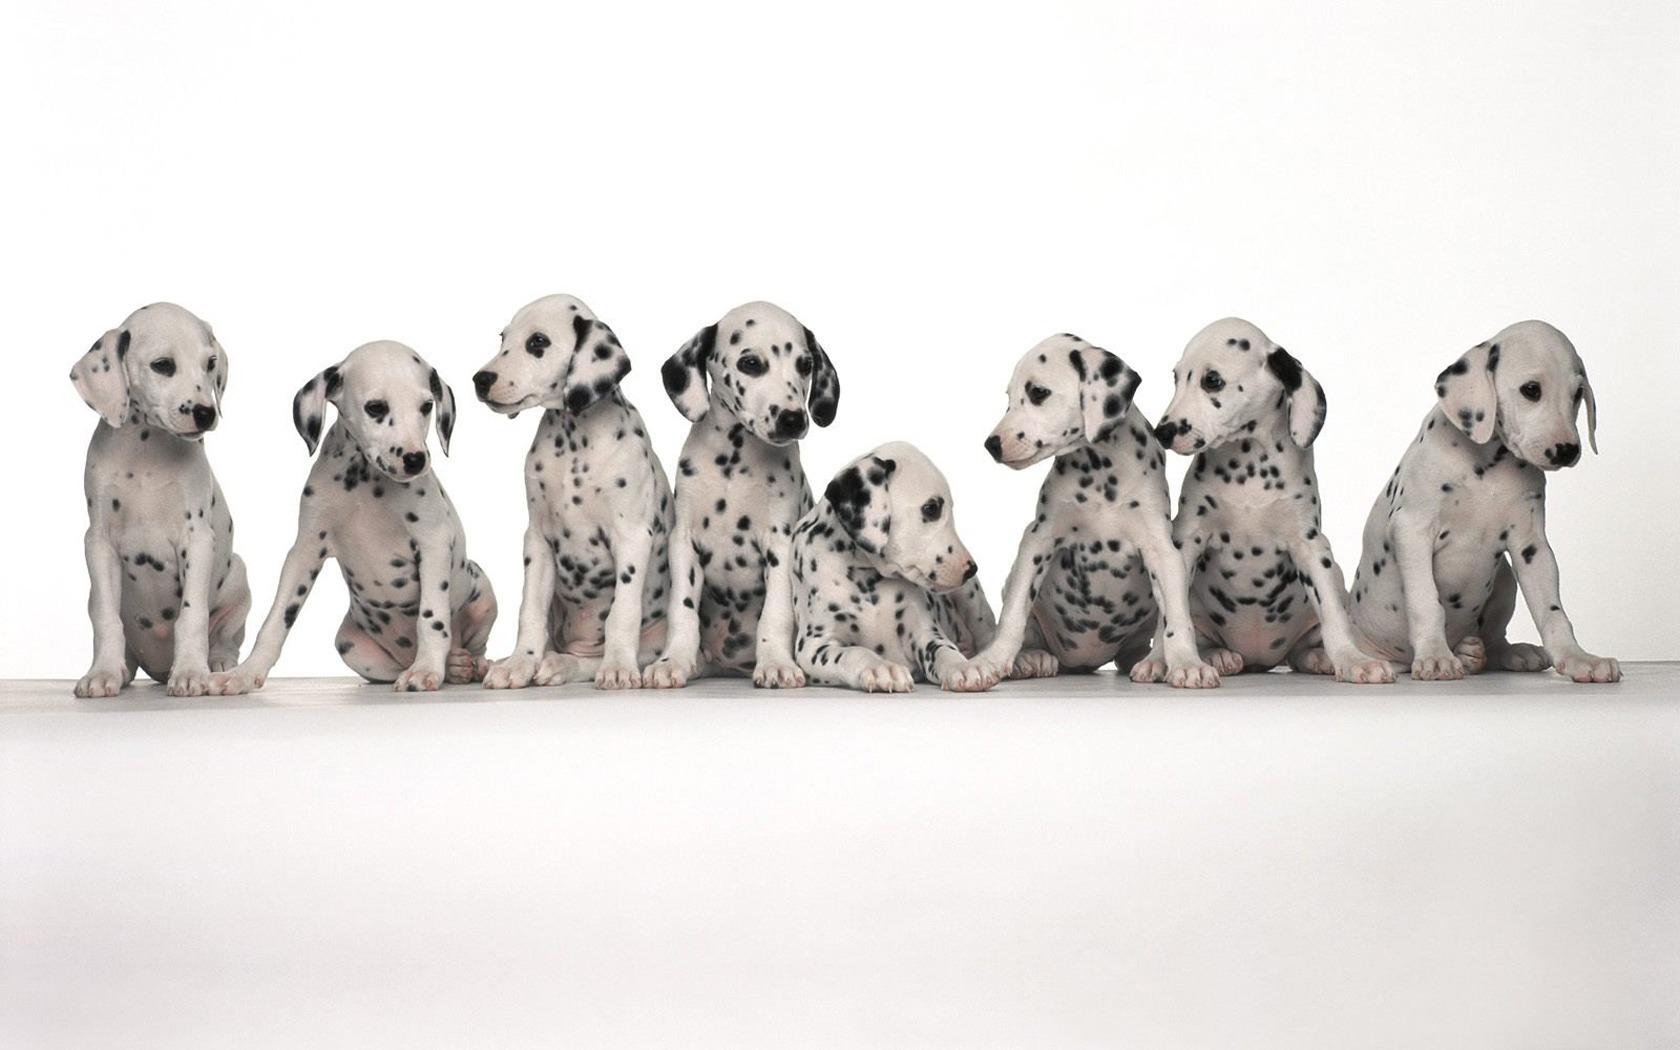 Dalmatian puppies wallpapers Dalmatian puppies stock photos 1680x1050